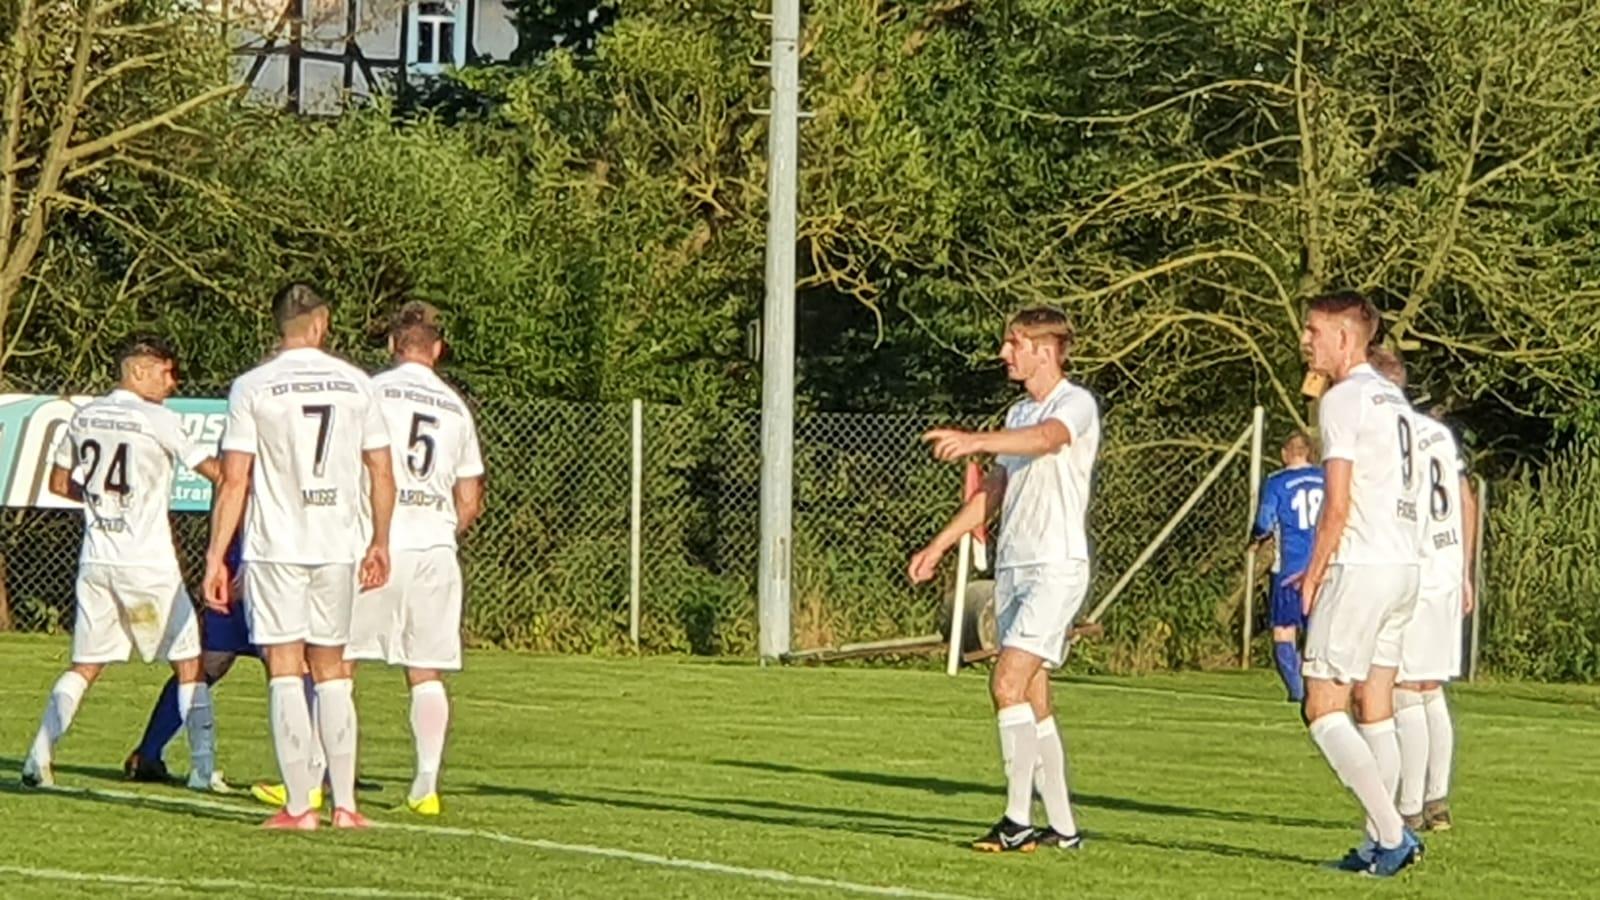 Testspiel bei SG Brunslar / Wolfershausen